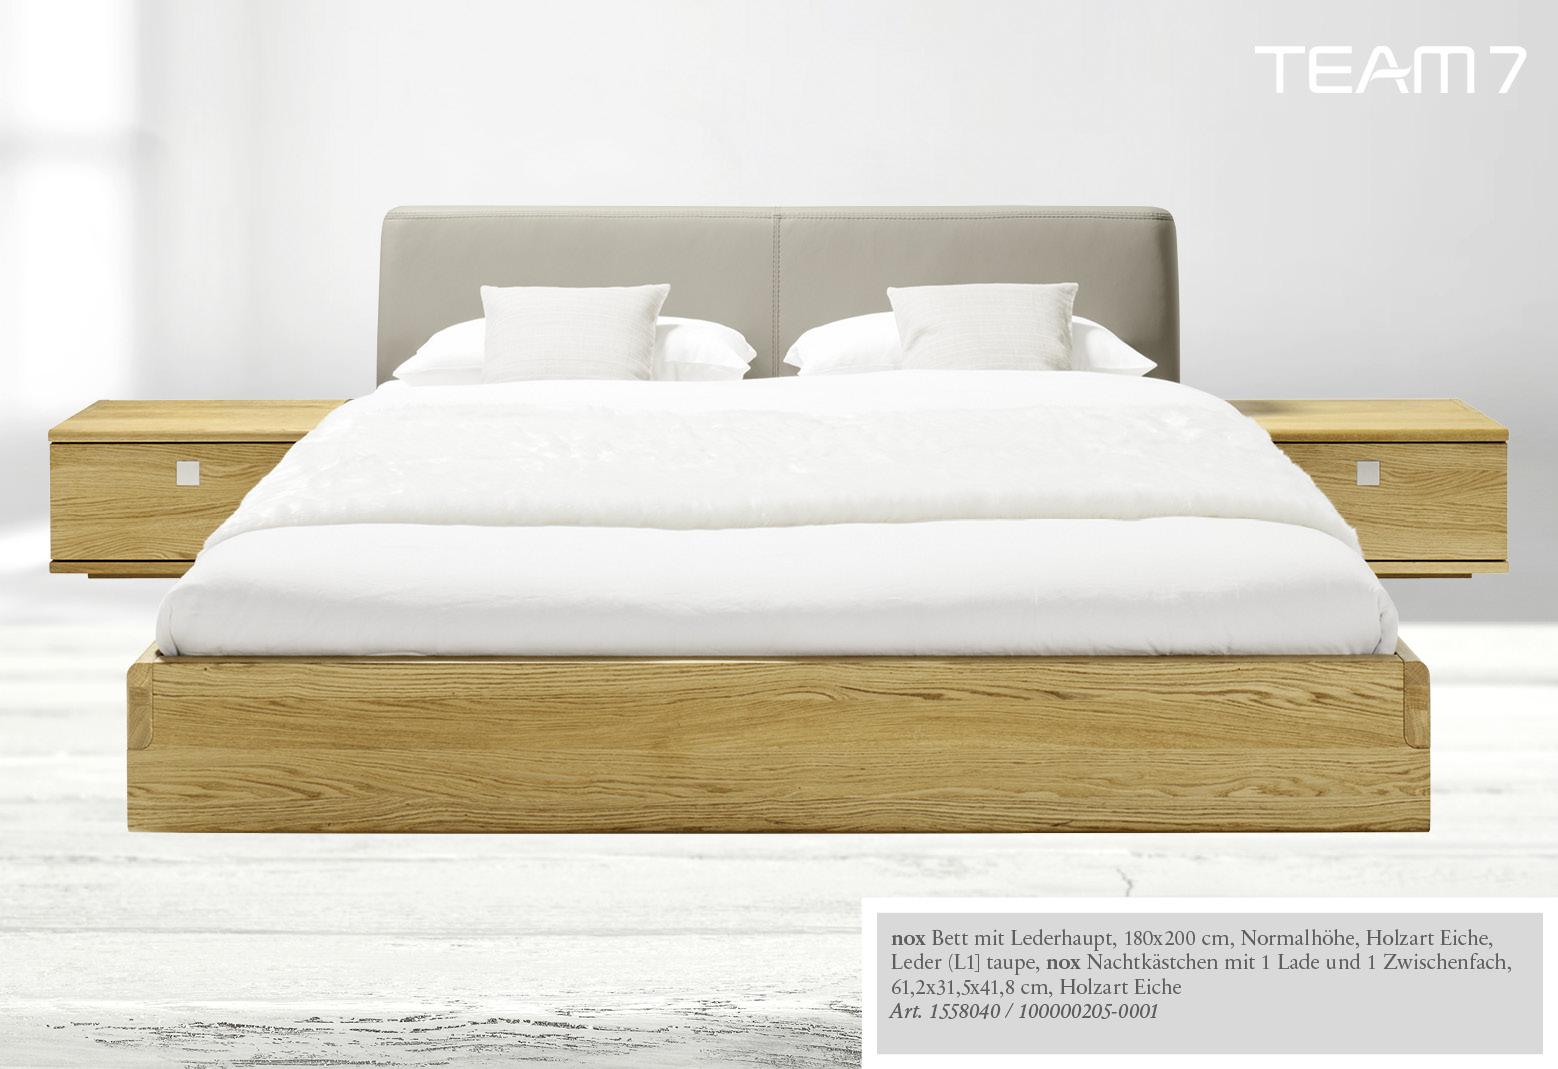 Full Size of Erholsamer Schlafplatz In Betten Von Weko Antike 200x200 Teenager Günstig Kaufen 180x200 200x220 Balinesische Außergewöhnliche Rauch Hülsta Günstige Bett Außergewöhnliche Betten